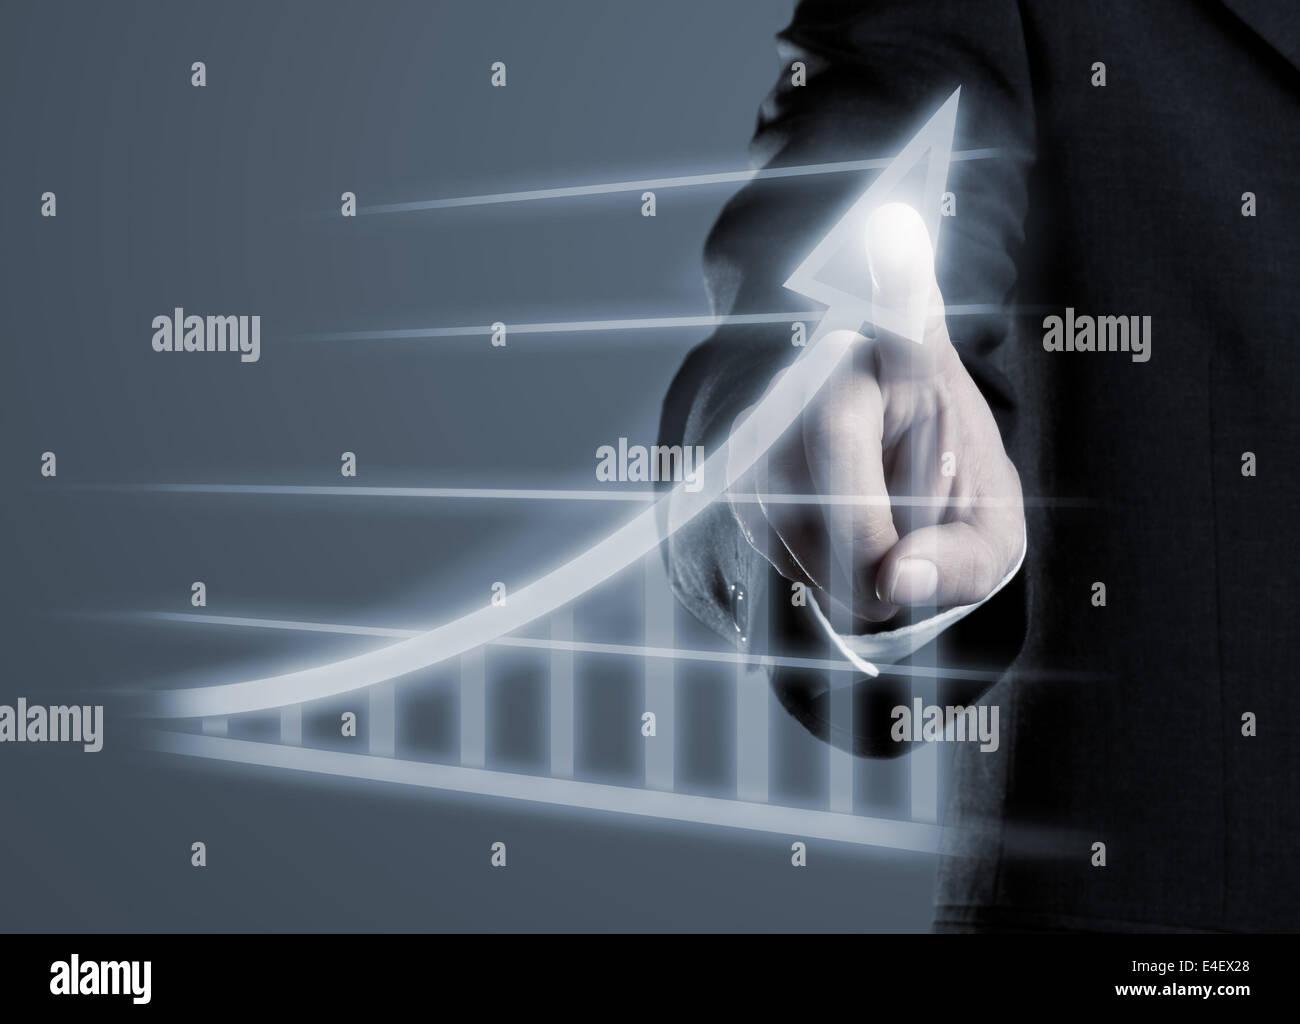 Geschäftsmann Zeichnung Erfolg Diagramm auf futuristische virtuelle Computer anzuzeigen Stockbild